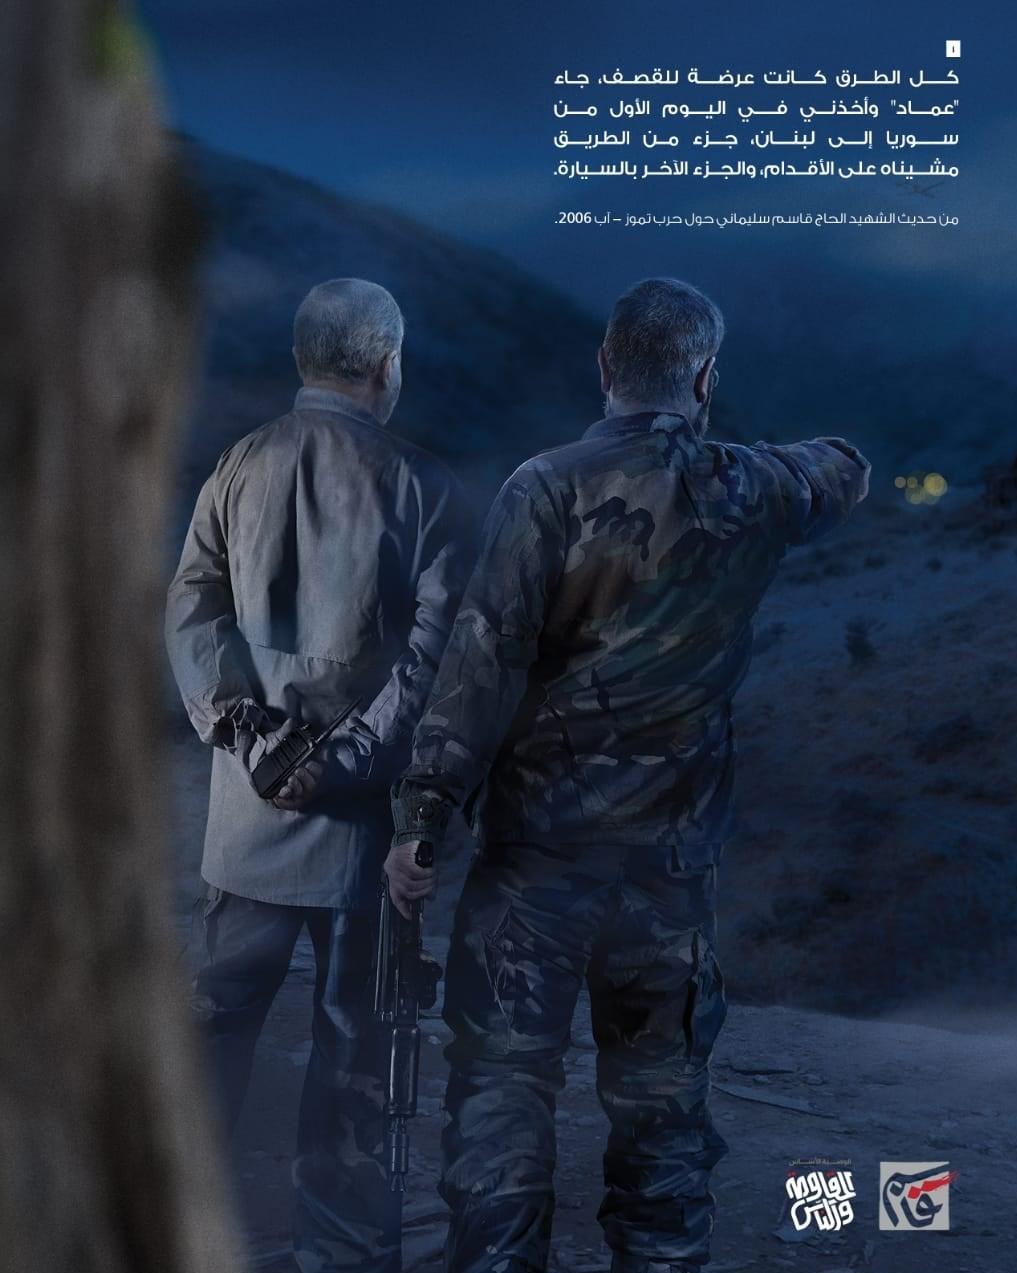 انتشار داستان مصور حاج قاسم از شهید مغنیه و سید حسن نصرالله+عکس